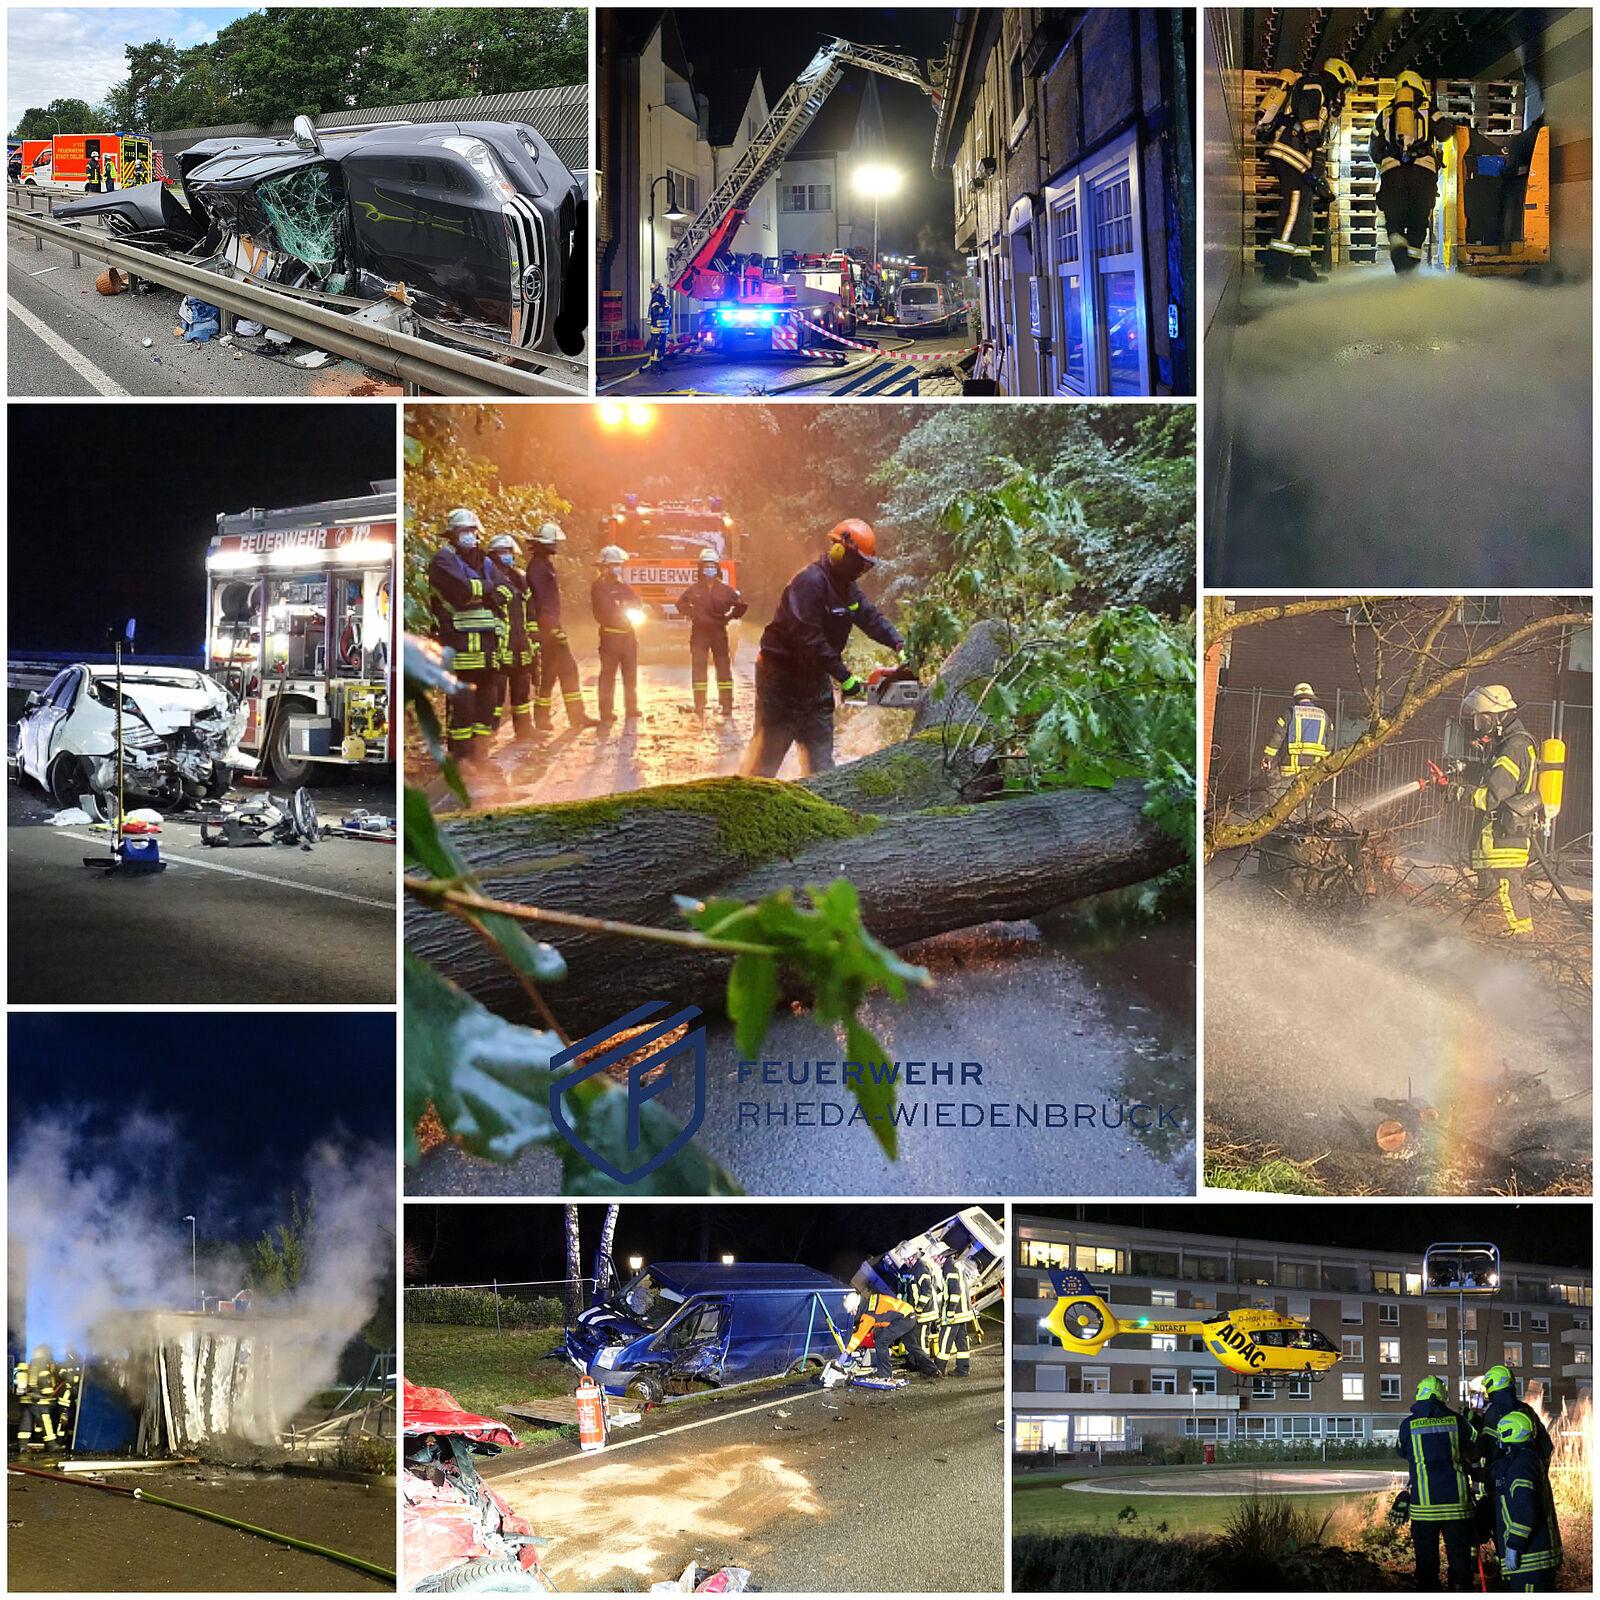 Feuerwehr Rheda-Wiedenbrück: News Details